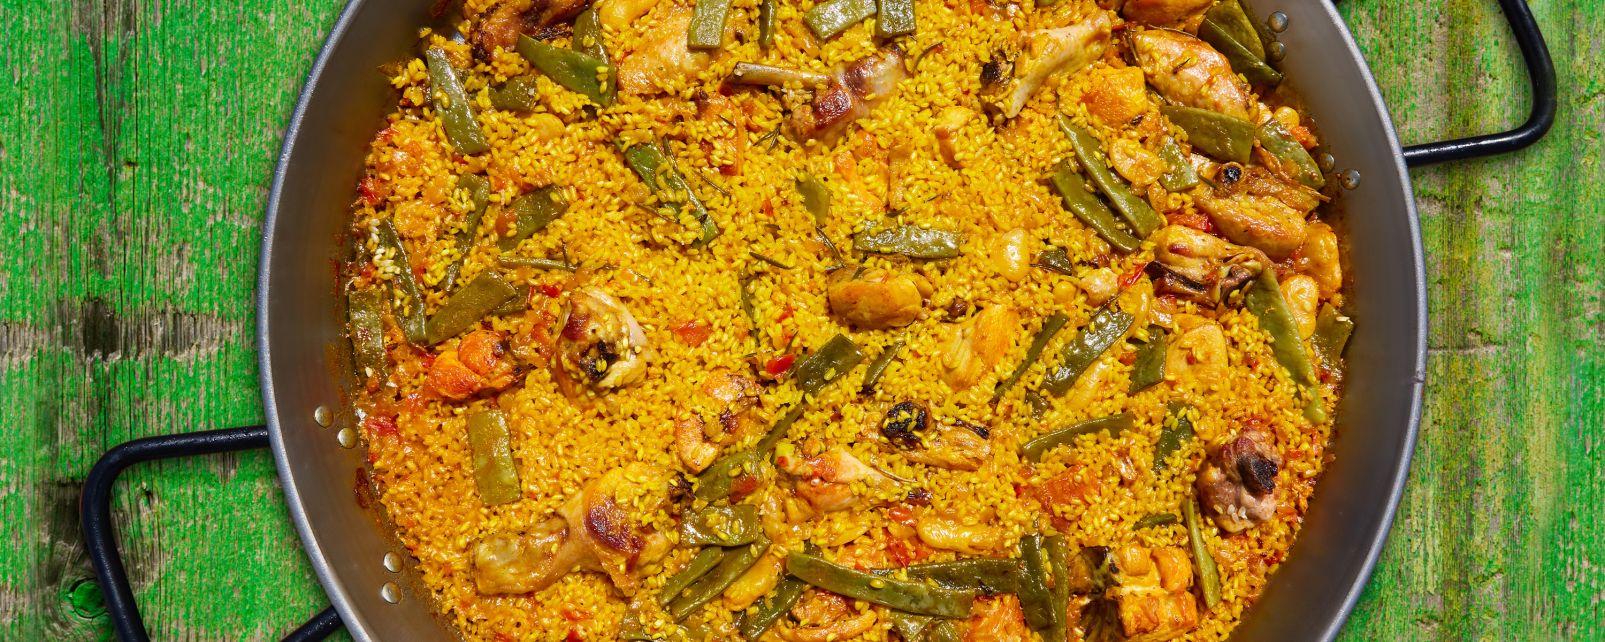 La gastronomie, paëlla, riz, cuisine, gastronomie, recette, valencienne, valence, méditerranée, espagne, europe, poulet, lapin